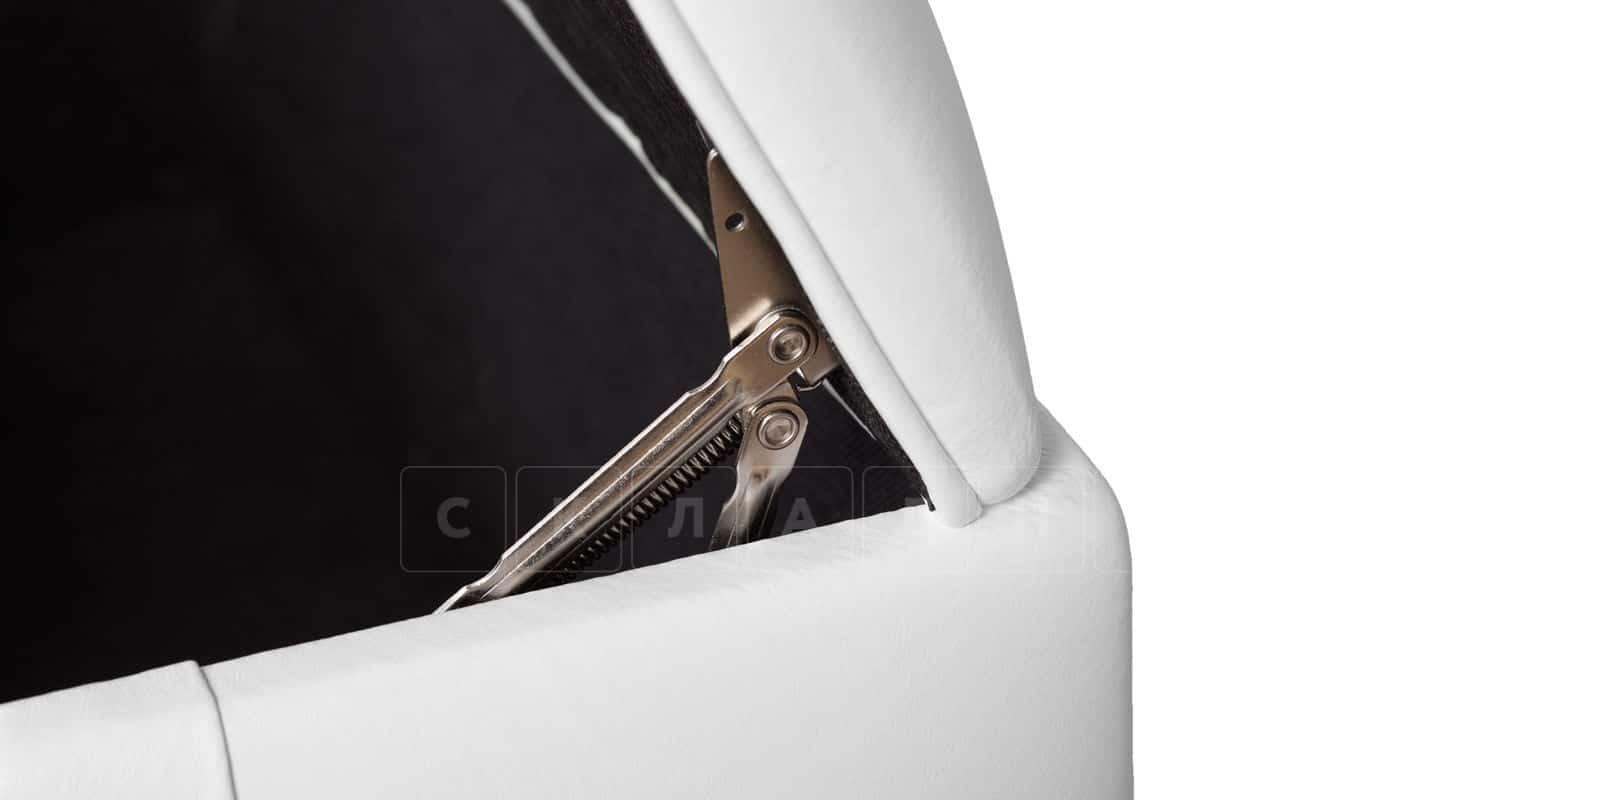 Пуф Малибу двухместный белый фото 5 | интернет-магазин Складно